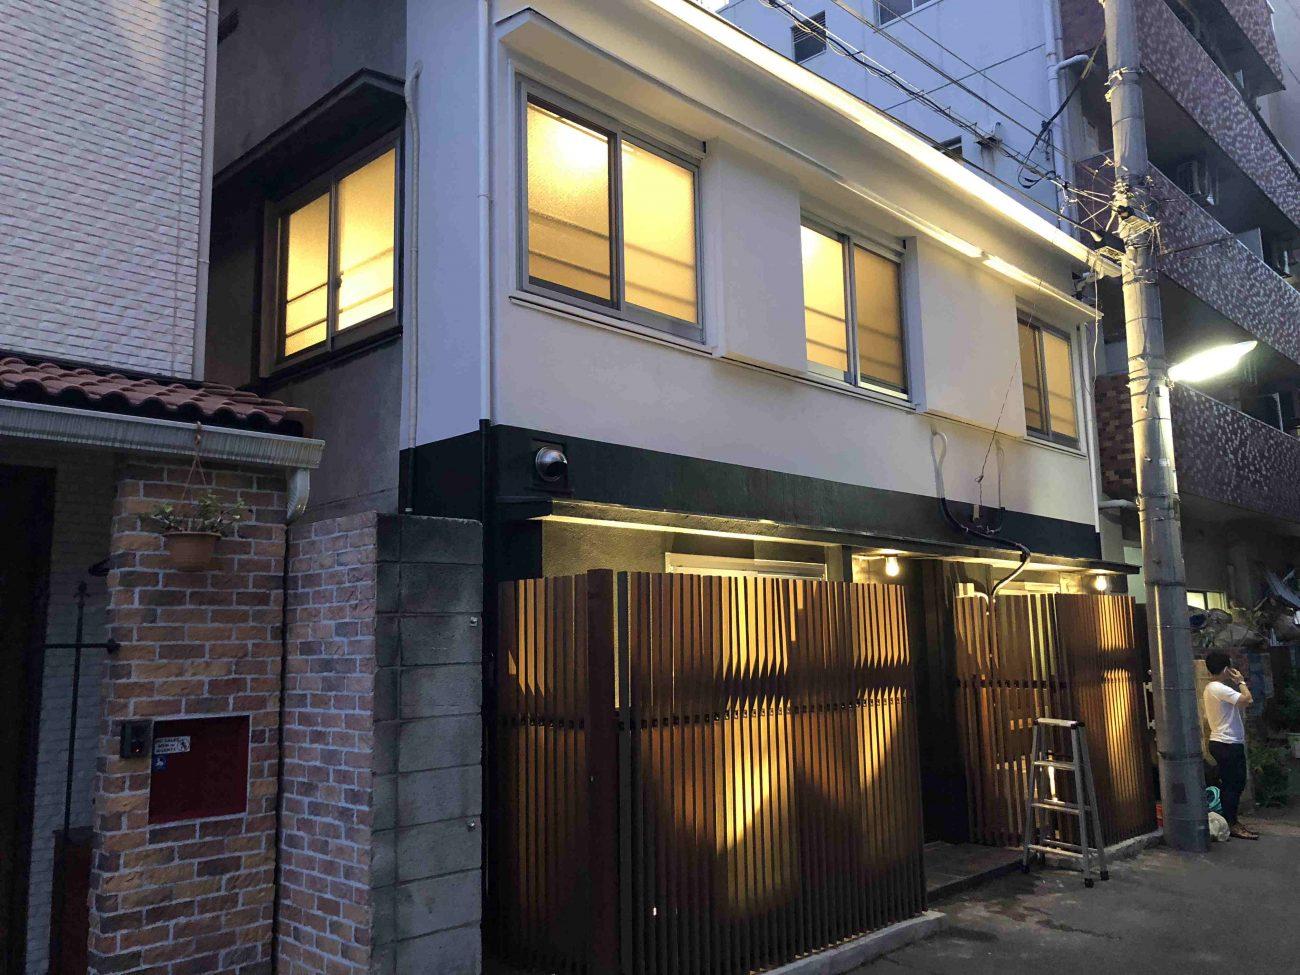 【完成報告】木造戸建ての宿泊所化リノベーション@初台の画像